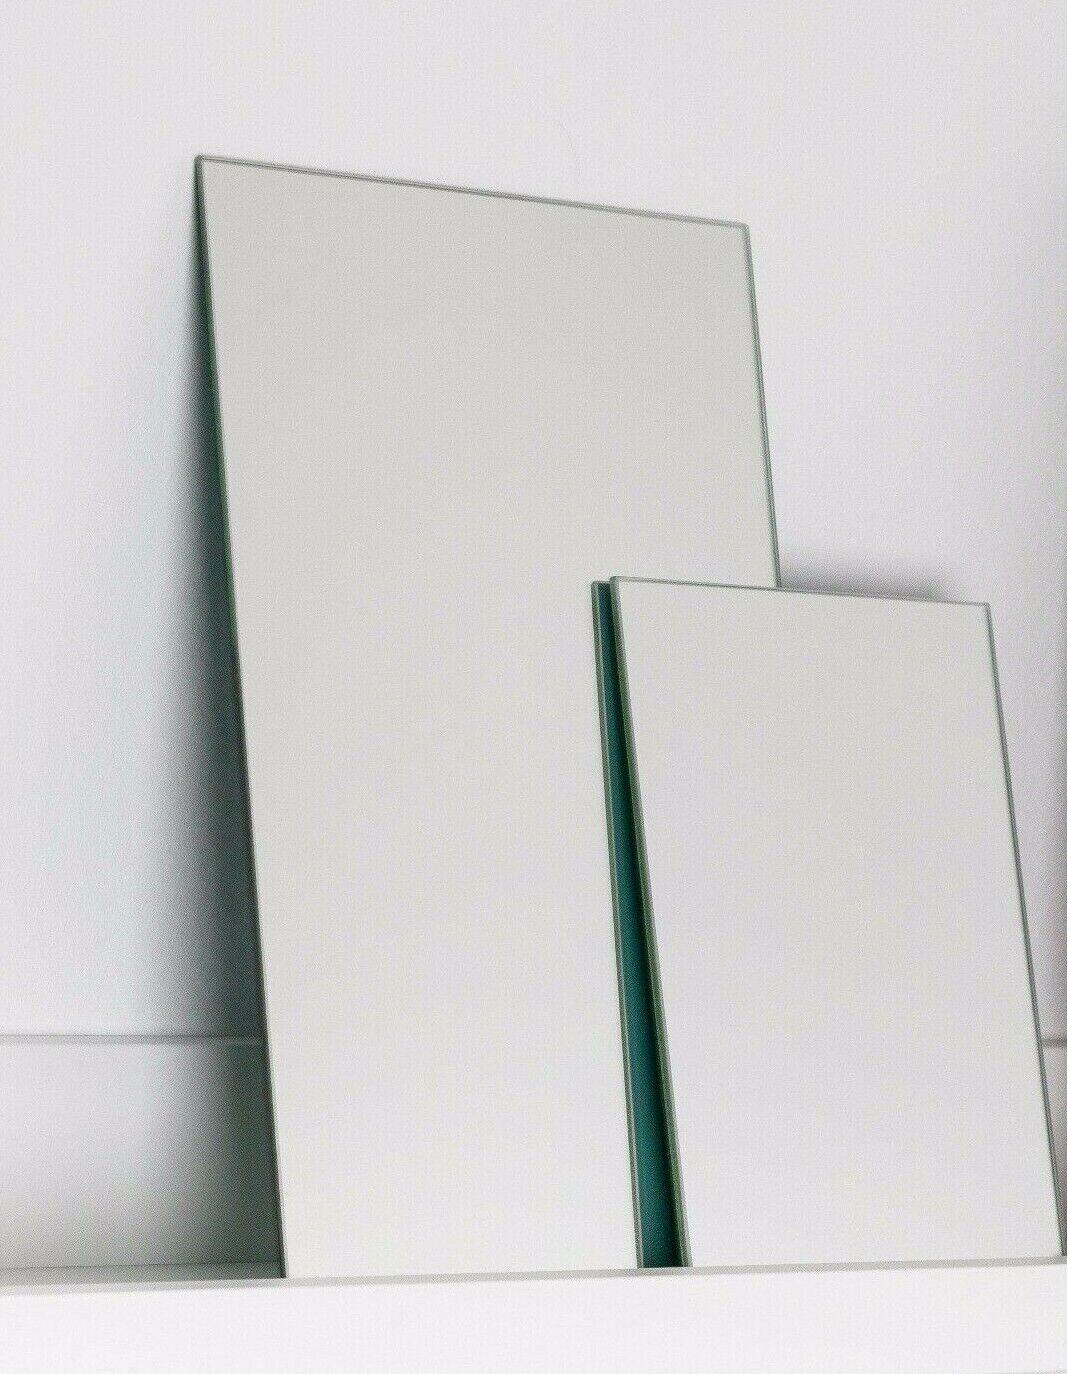 Spiegel auf Maß Spiegelzuschnitt Spiegelplatte nach Maß Wandspiegel Spiegelglas